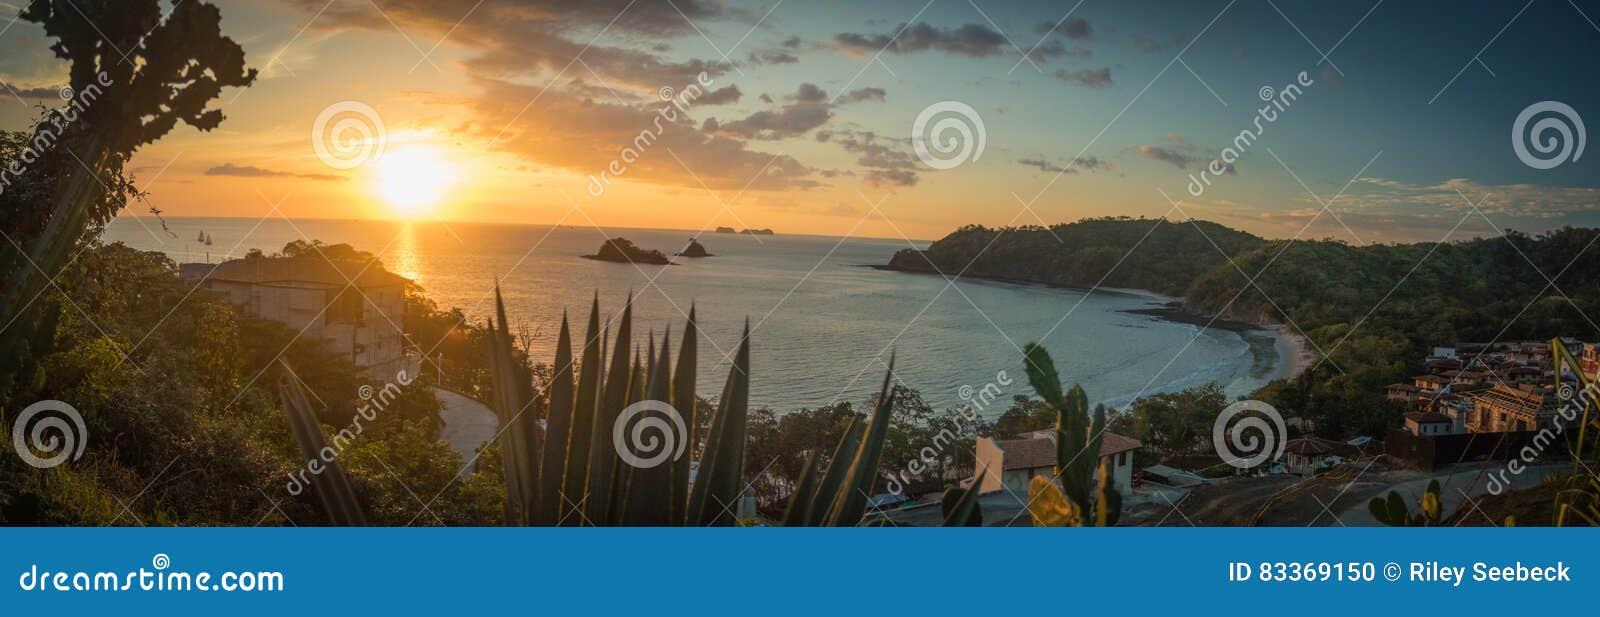 Paisaje de la puesta del sol, provincia de Guanacaste, Costa Rica